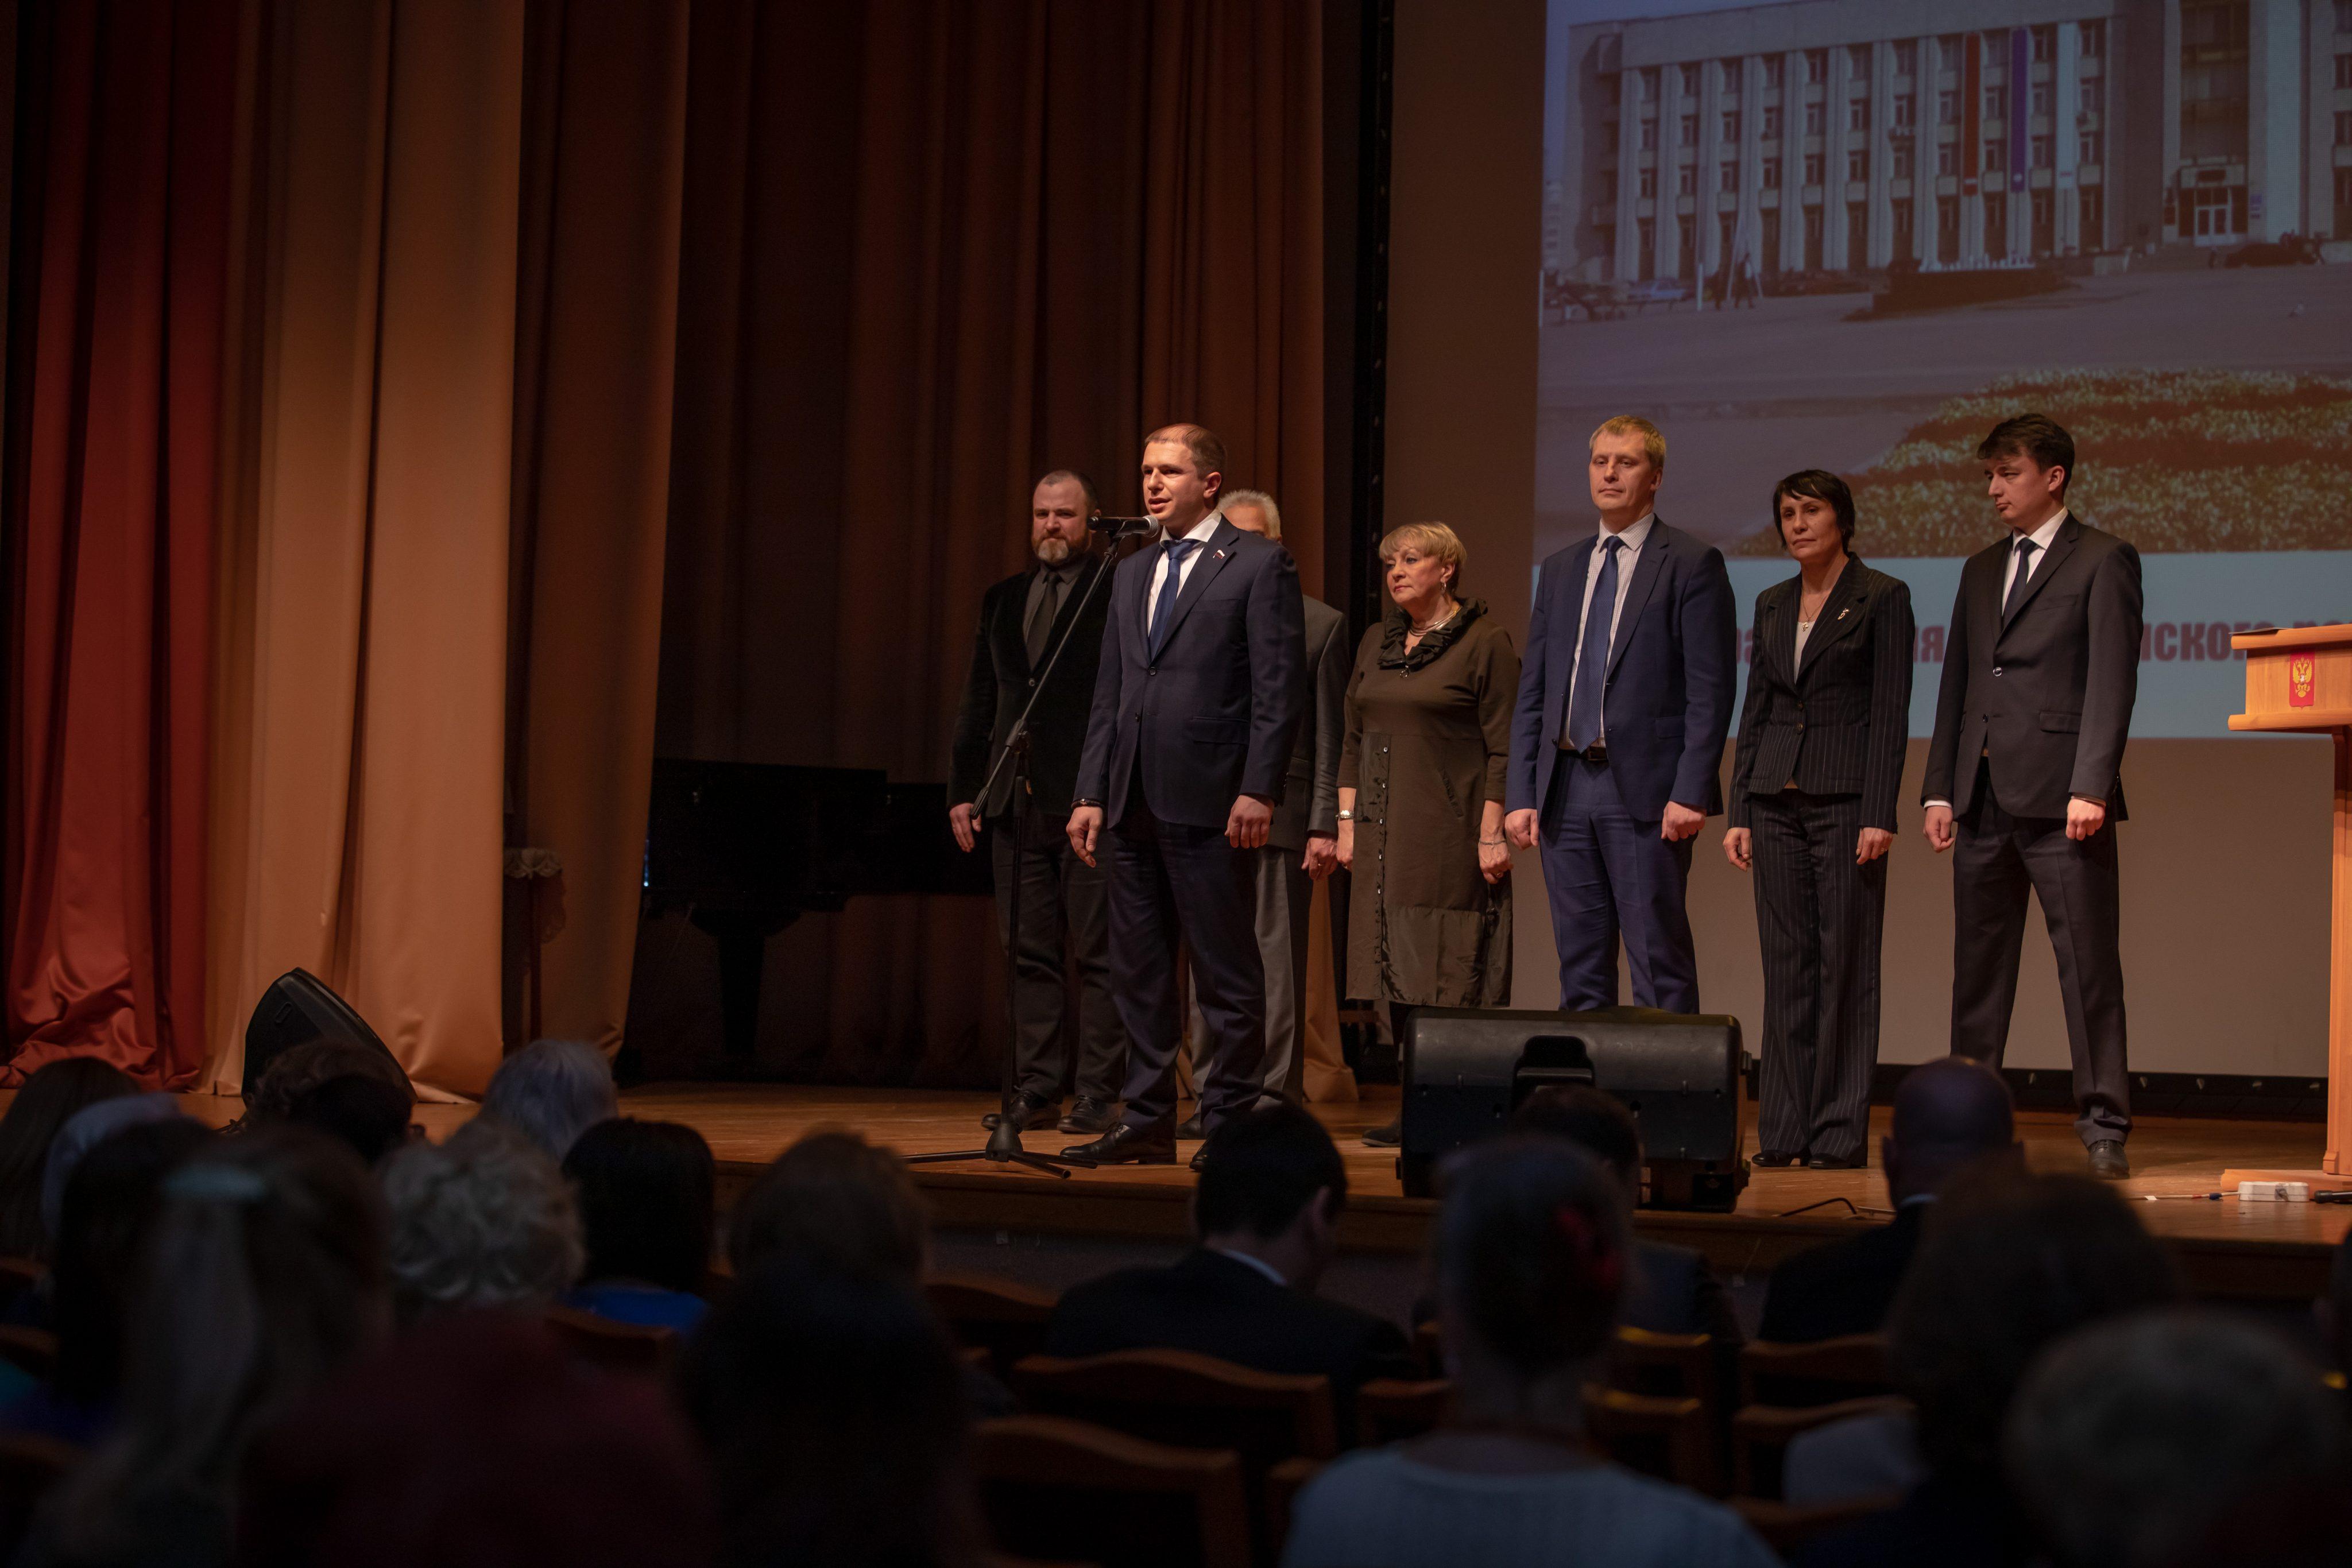 Список всех депутатов с фото санкт петербург отличным будет